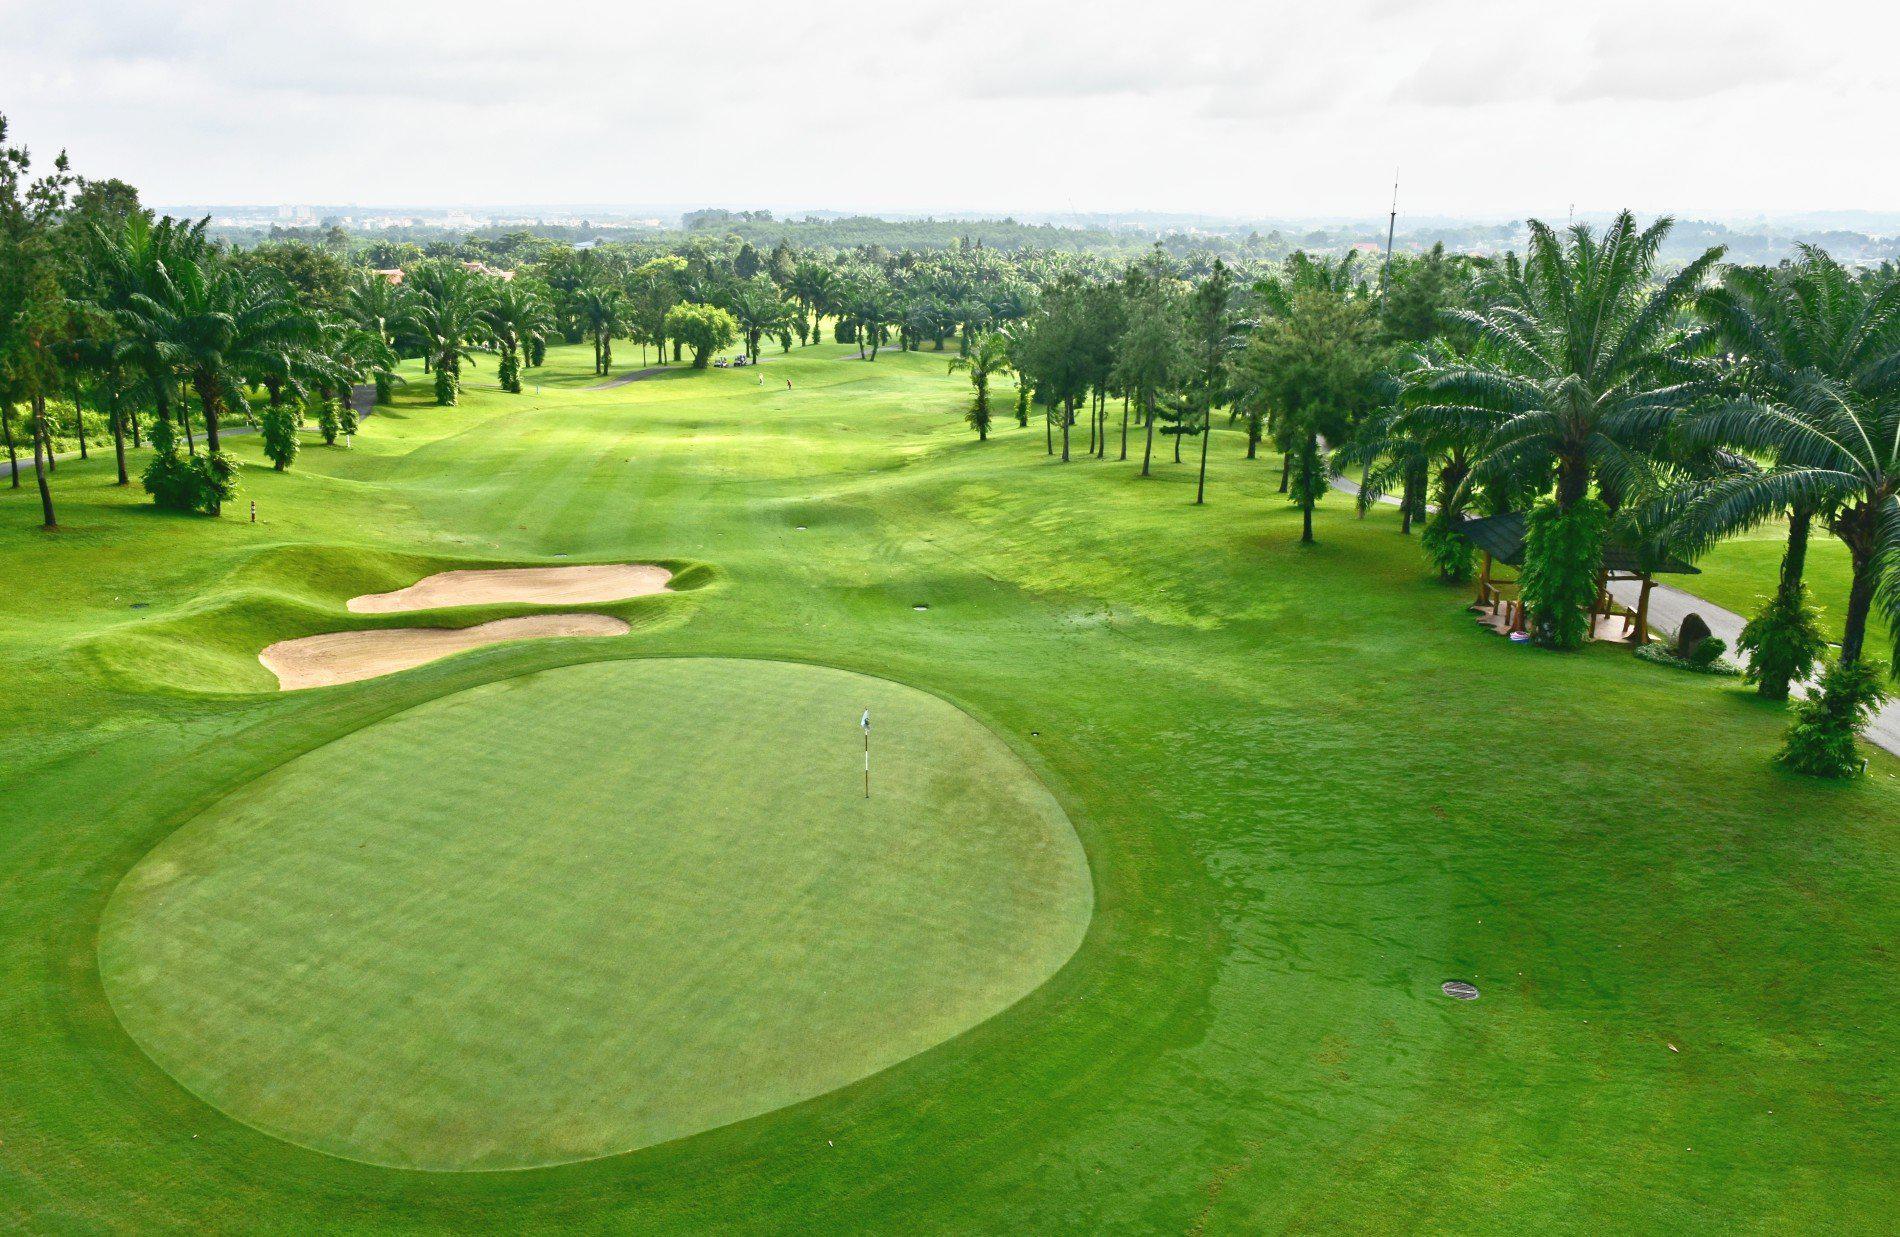 Vietnam Unique Experiences Golf Package Tour 10 Days